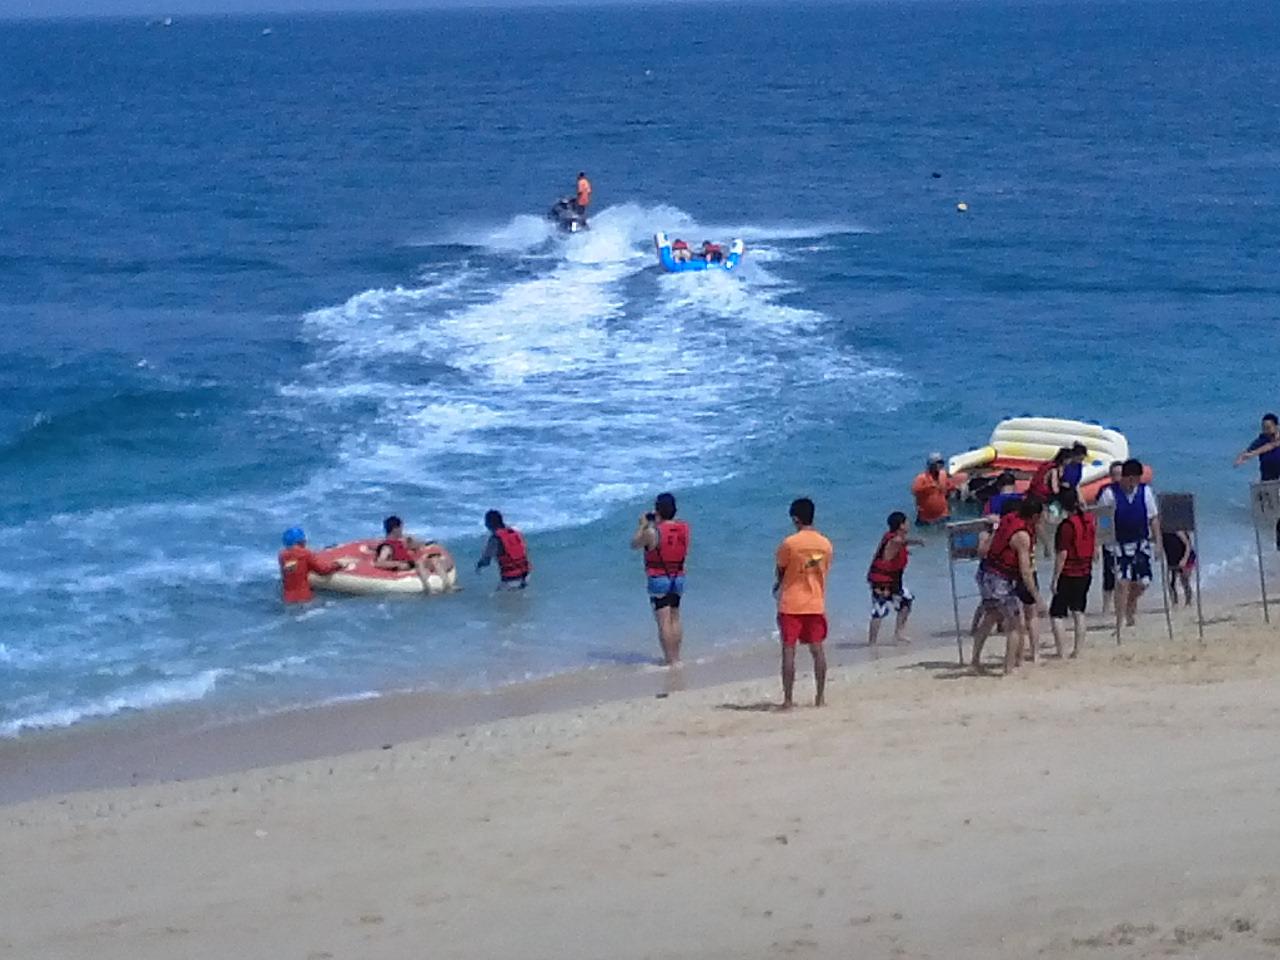 然后往吉贝岛出发;在到吉贝岛之前,会先到险礁屿比基尼岛玩水上活动.